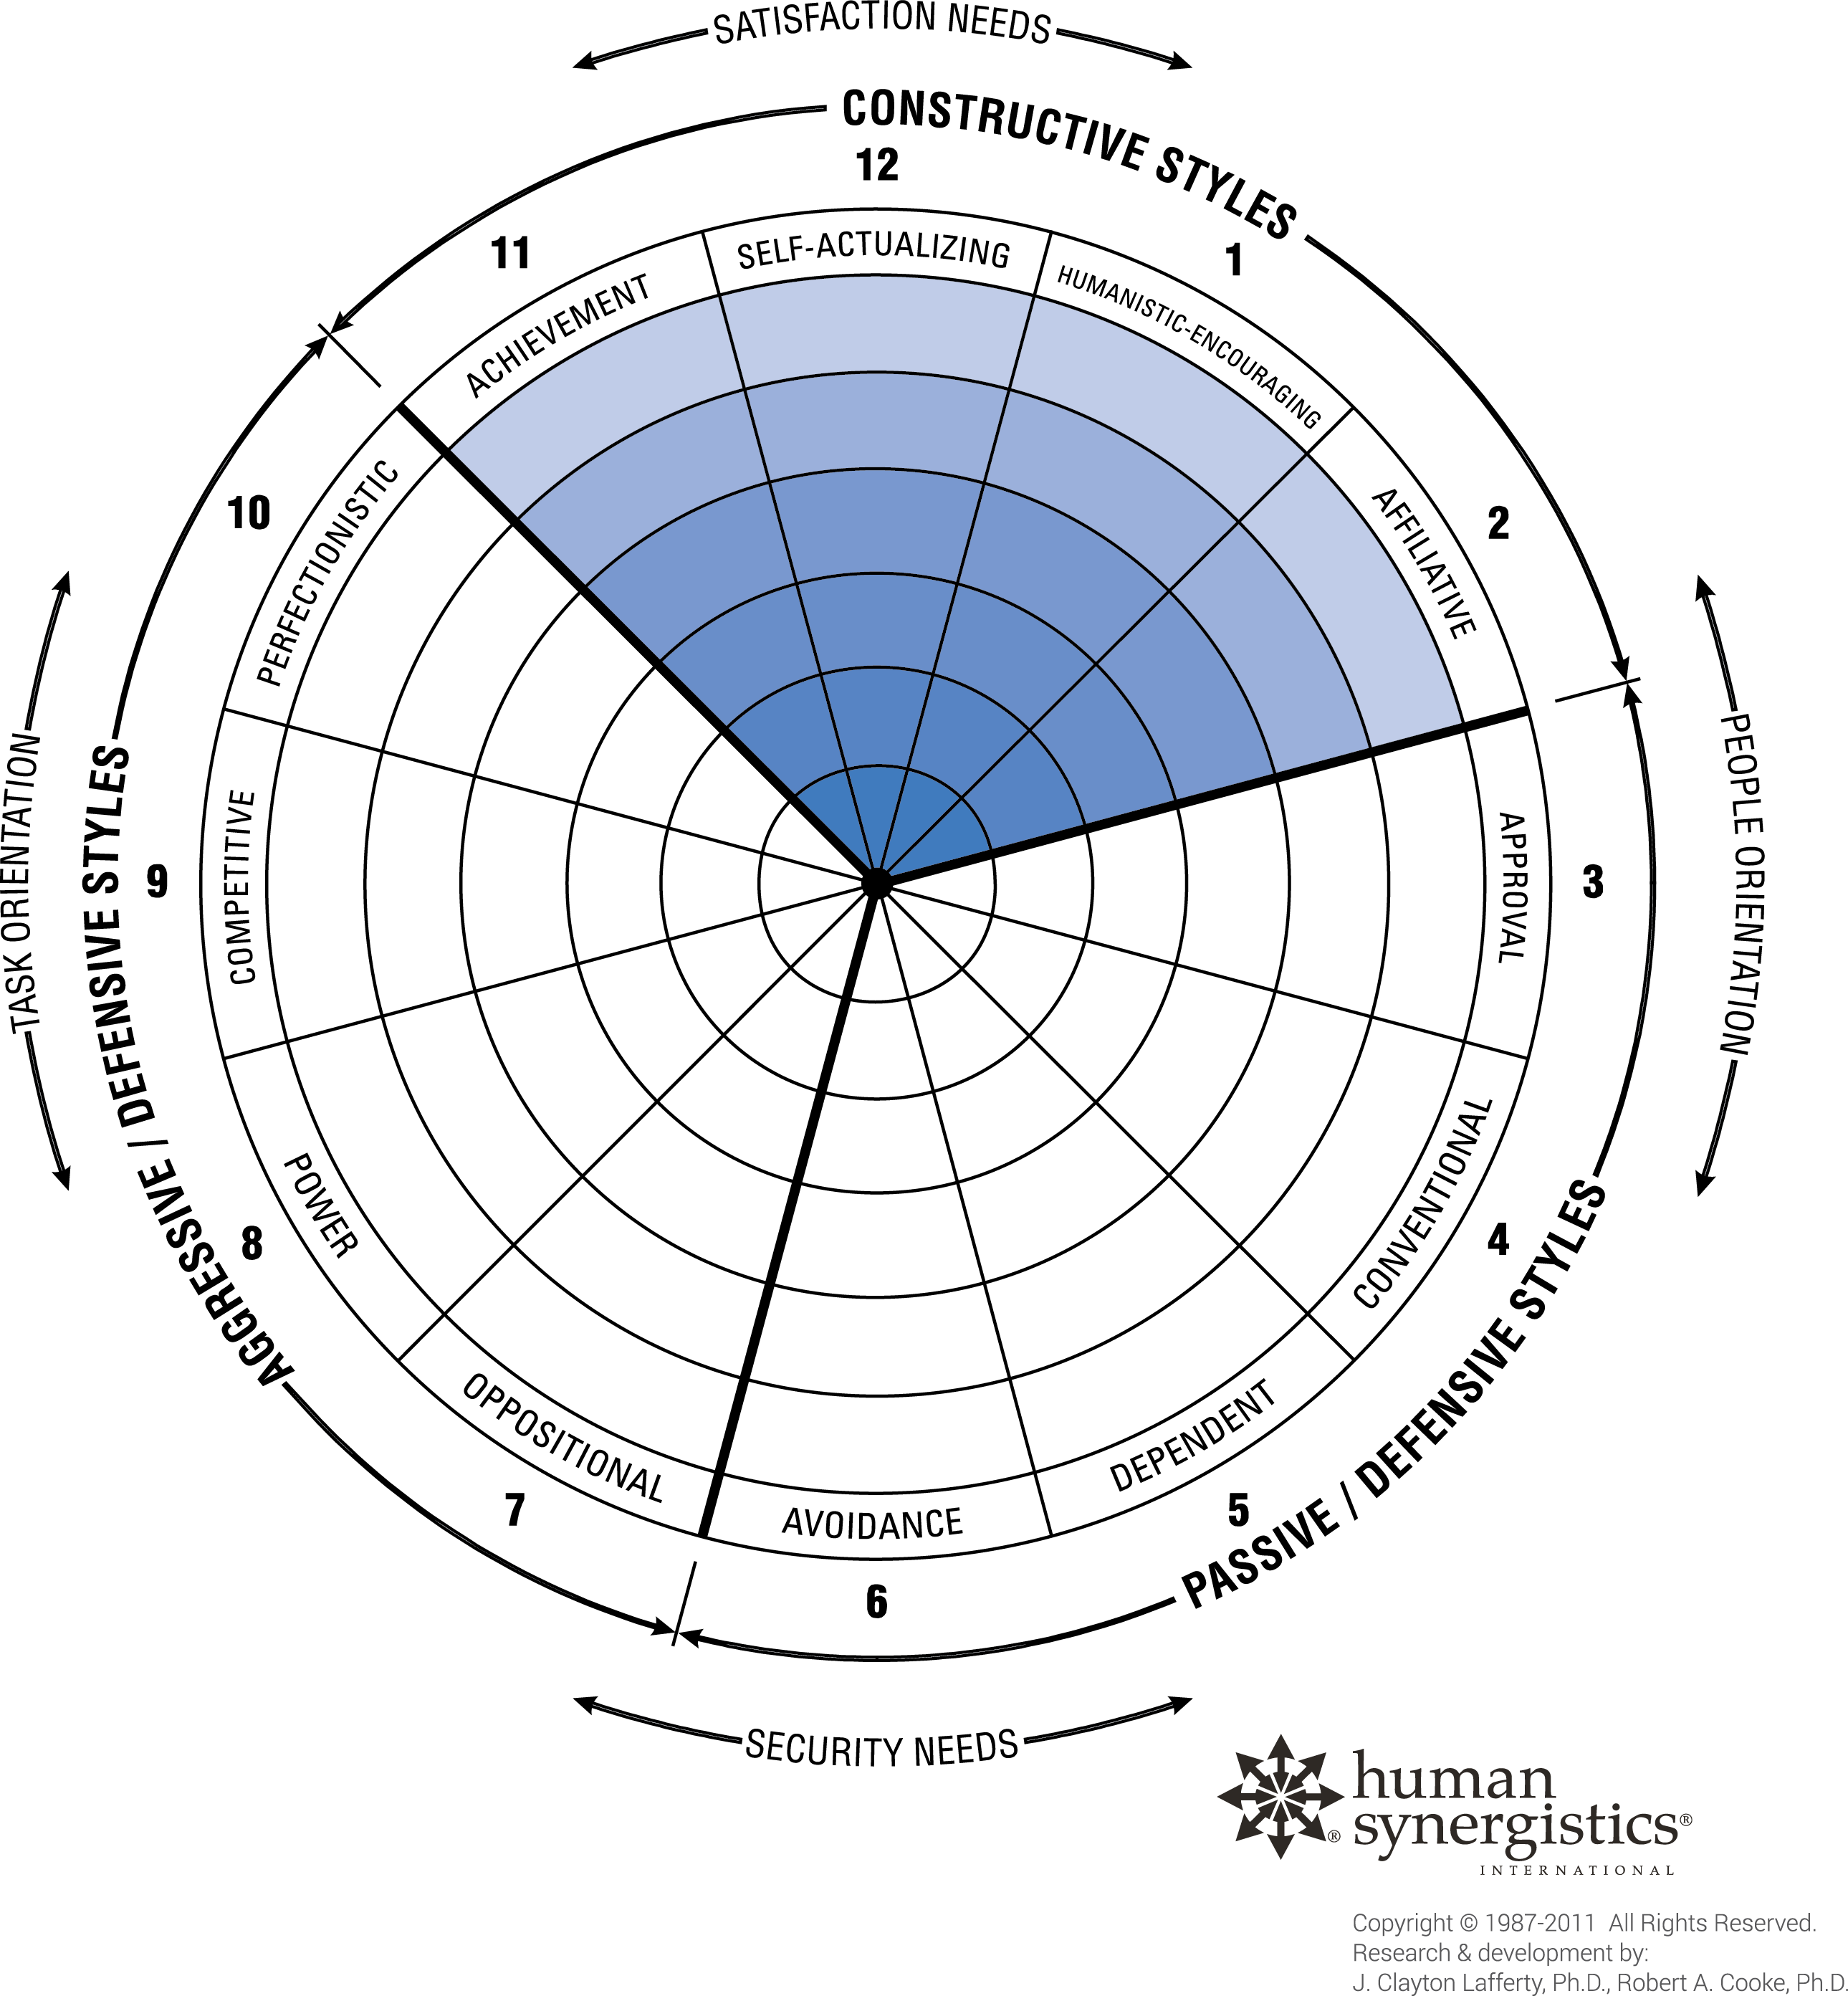 Circumplex - Constructive